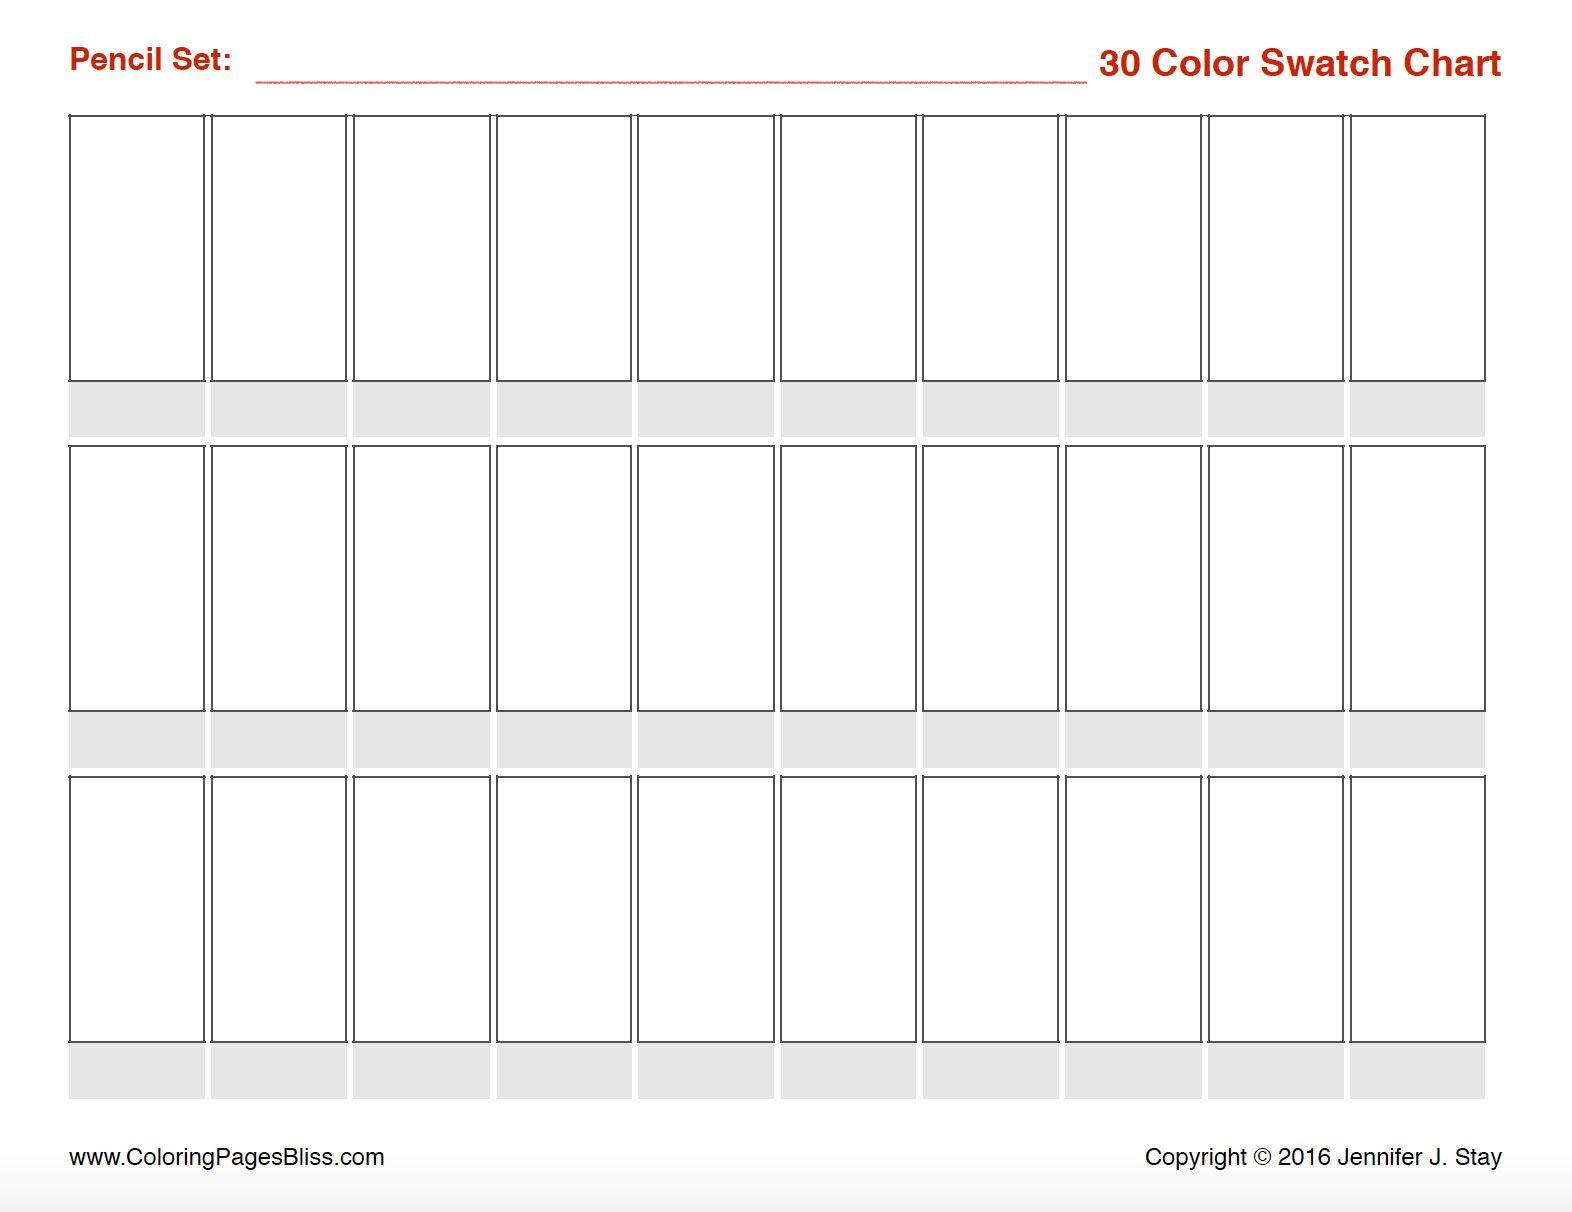 Prismacolor Premier Colored Pencil Swatch Charts Paint Color Swatches Colored Pencils Prismacolor